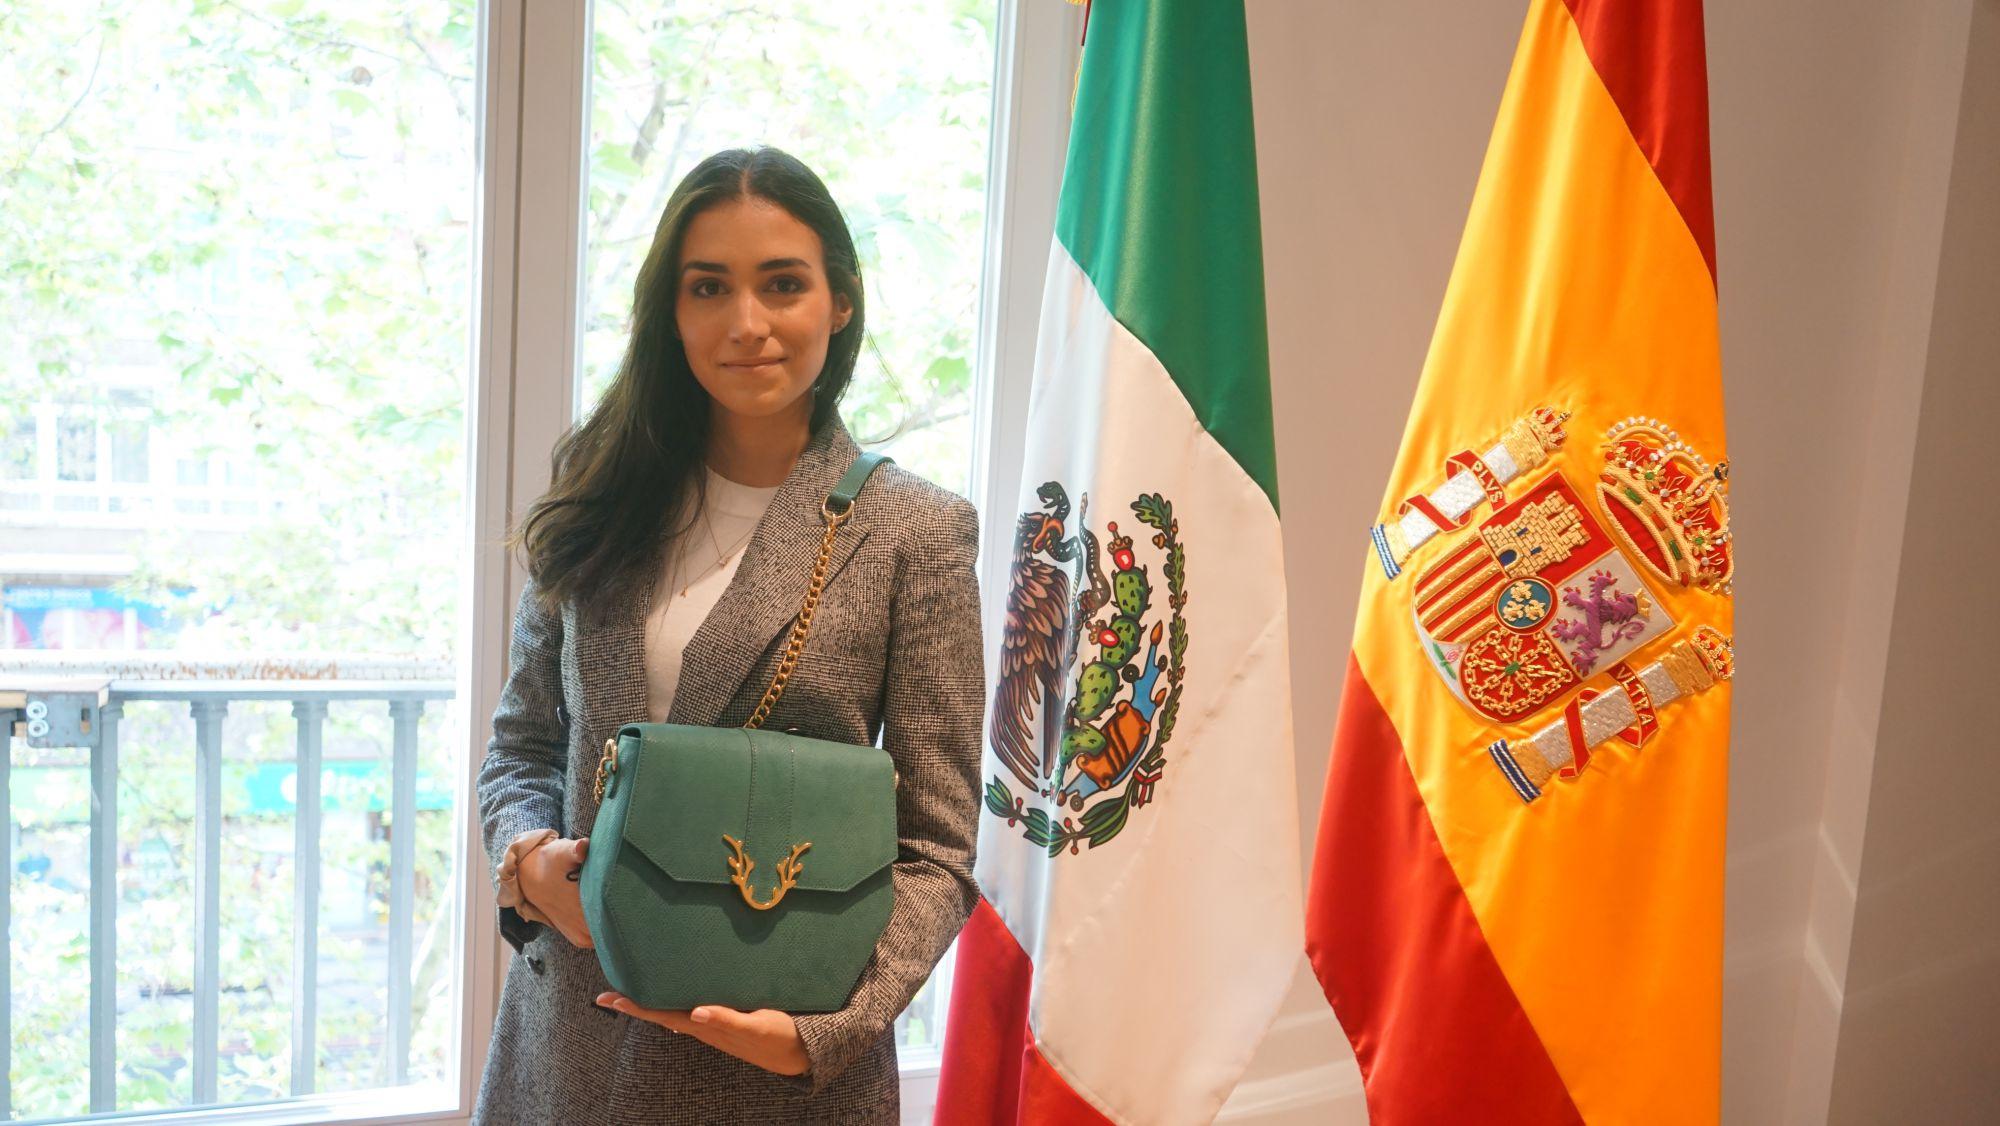 La mexicana Andrea Núñez lanza una firma de bolsos veganos de lujo / Foto: Cortesía